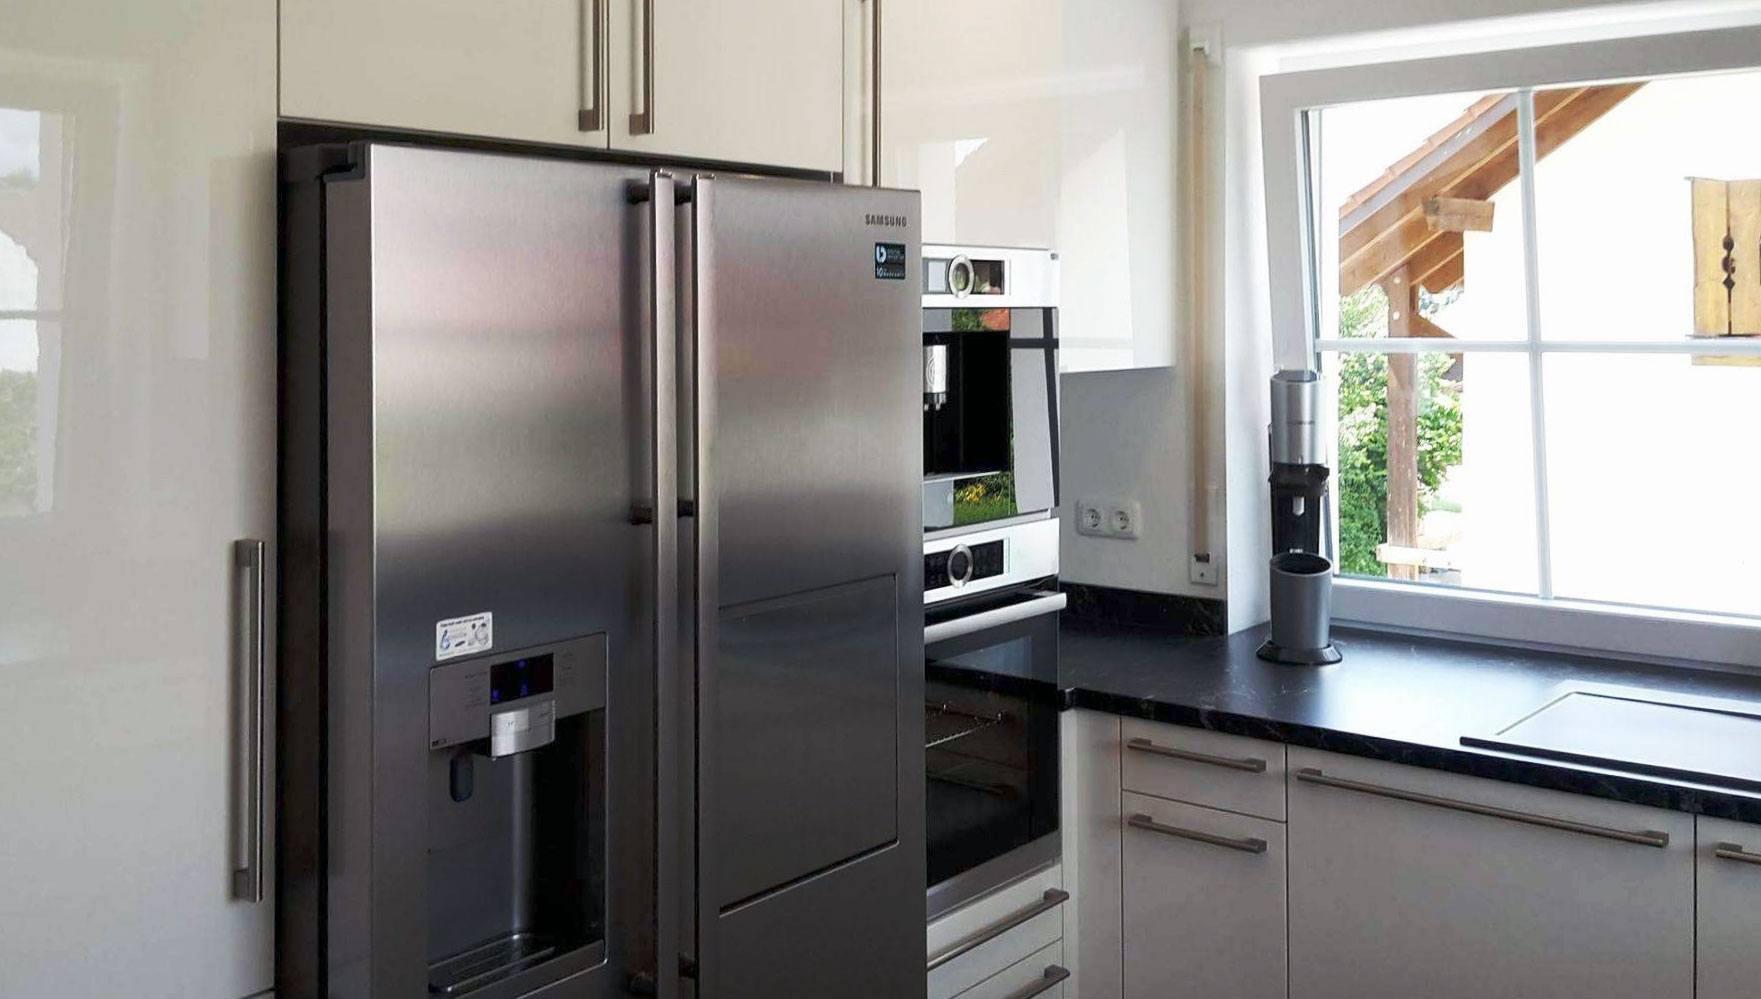 Side By Side Kühlschrank Technische Zeichnung : Küche mit integriertem side by side in hausen küchen blank das